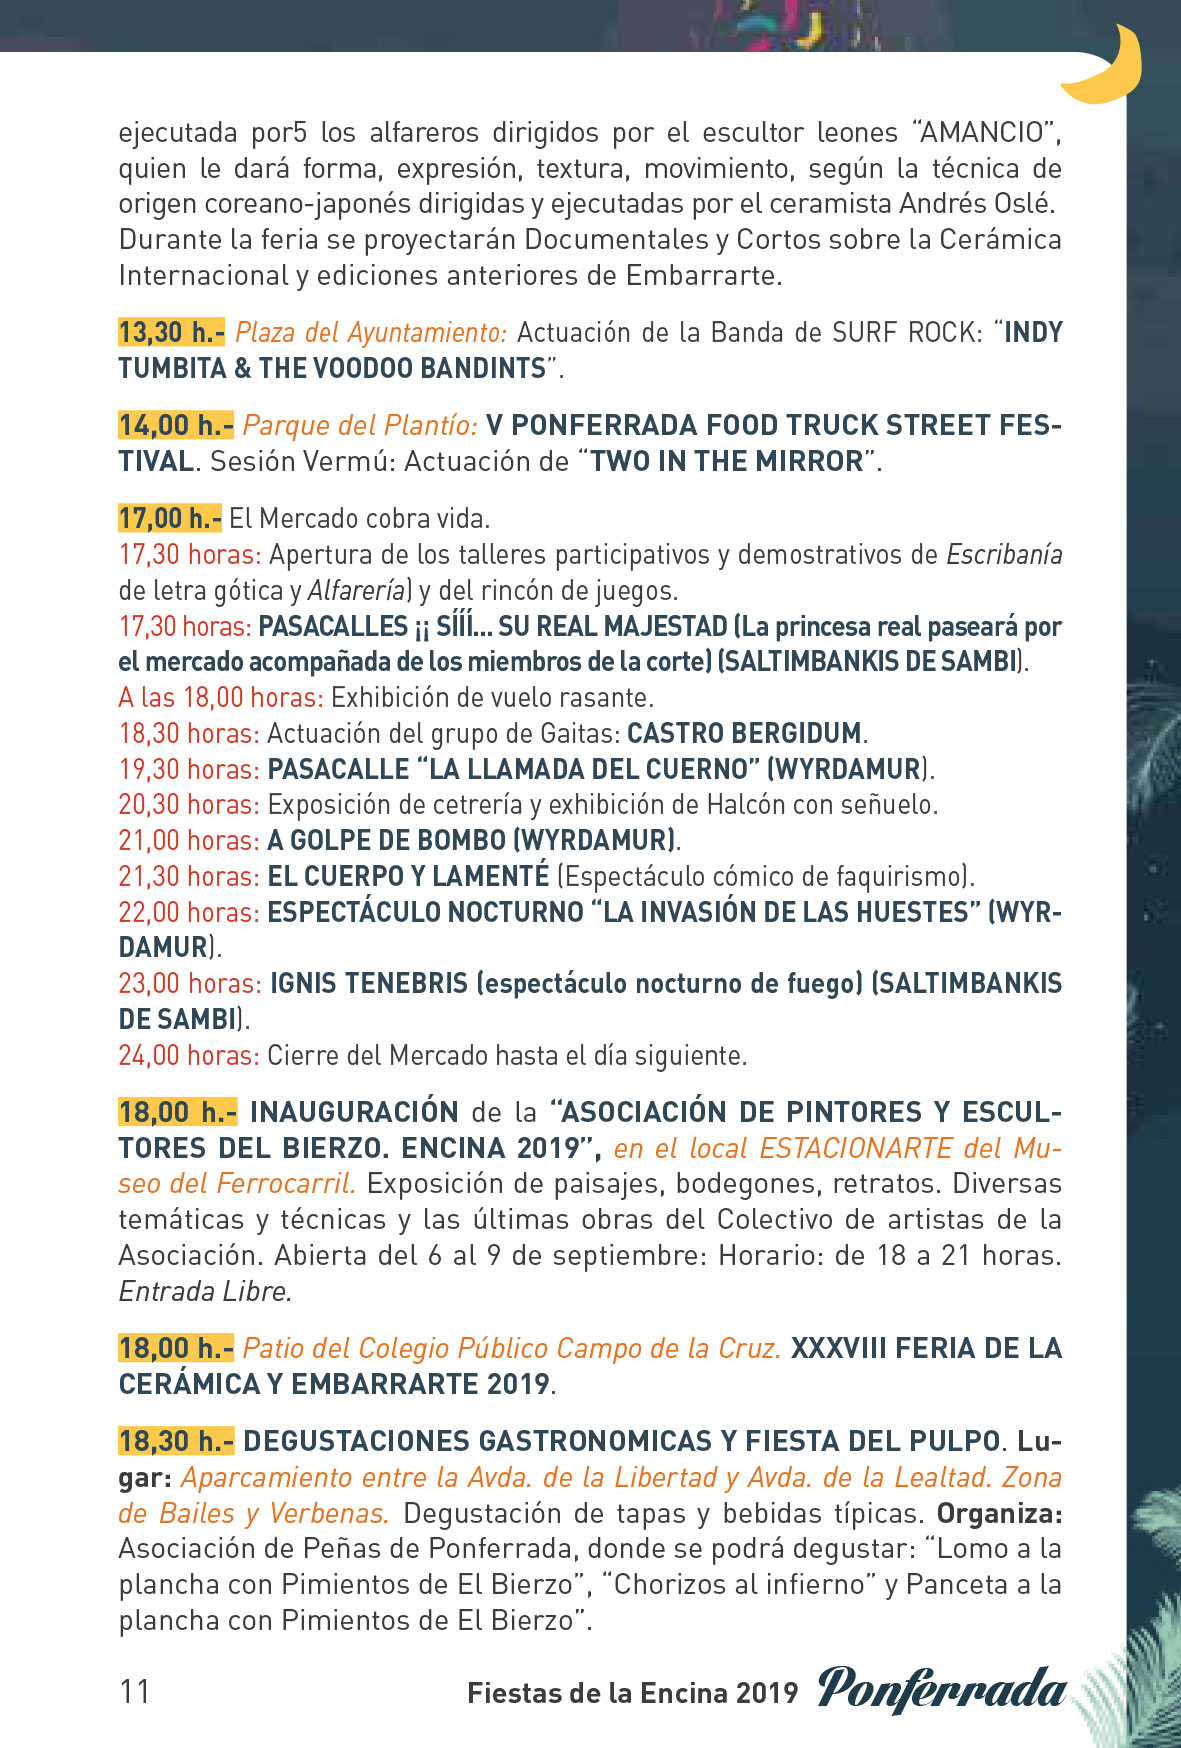 Fiestas de la Encina 2019. Programa y actividades 11